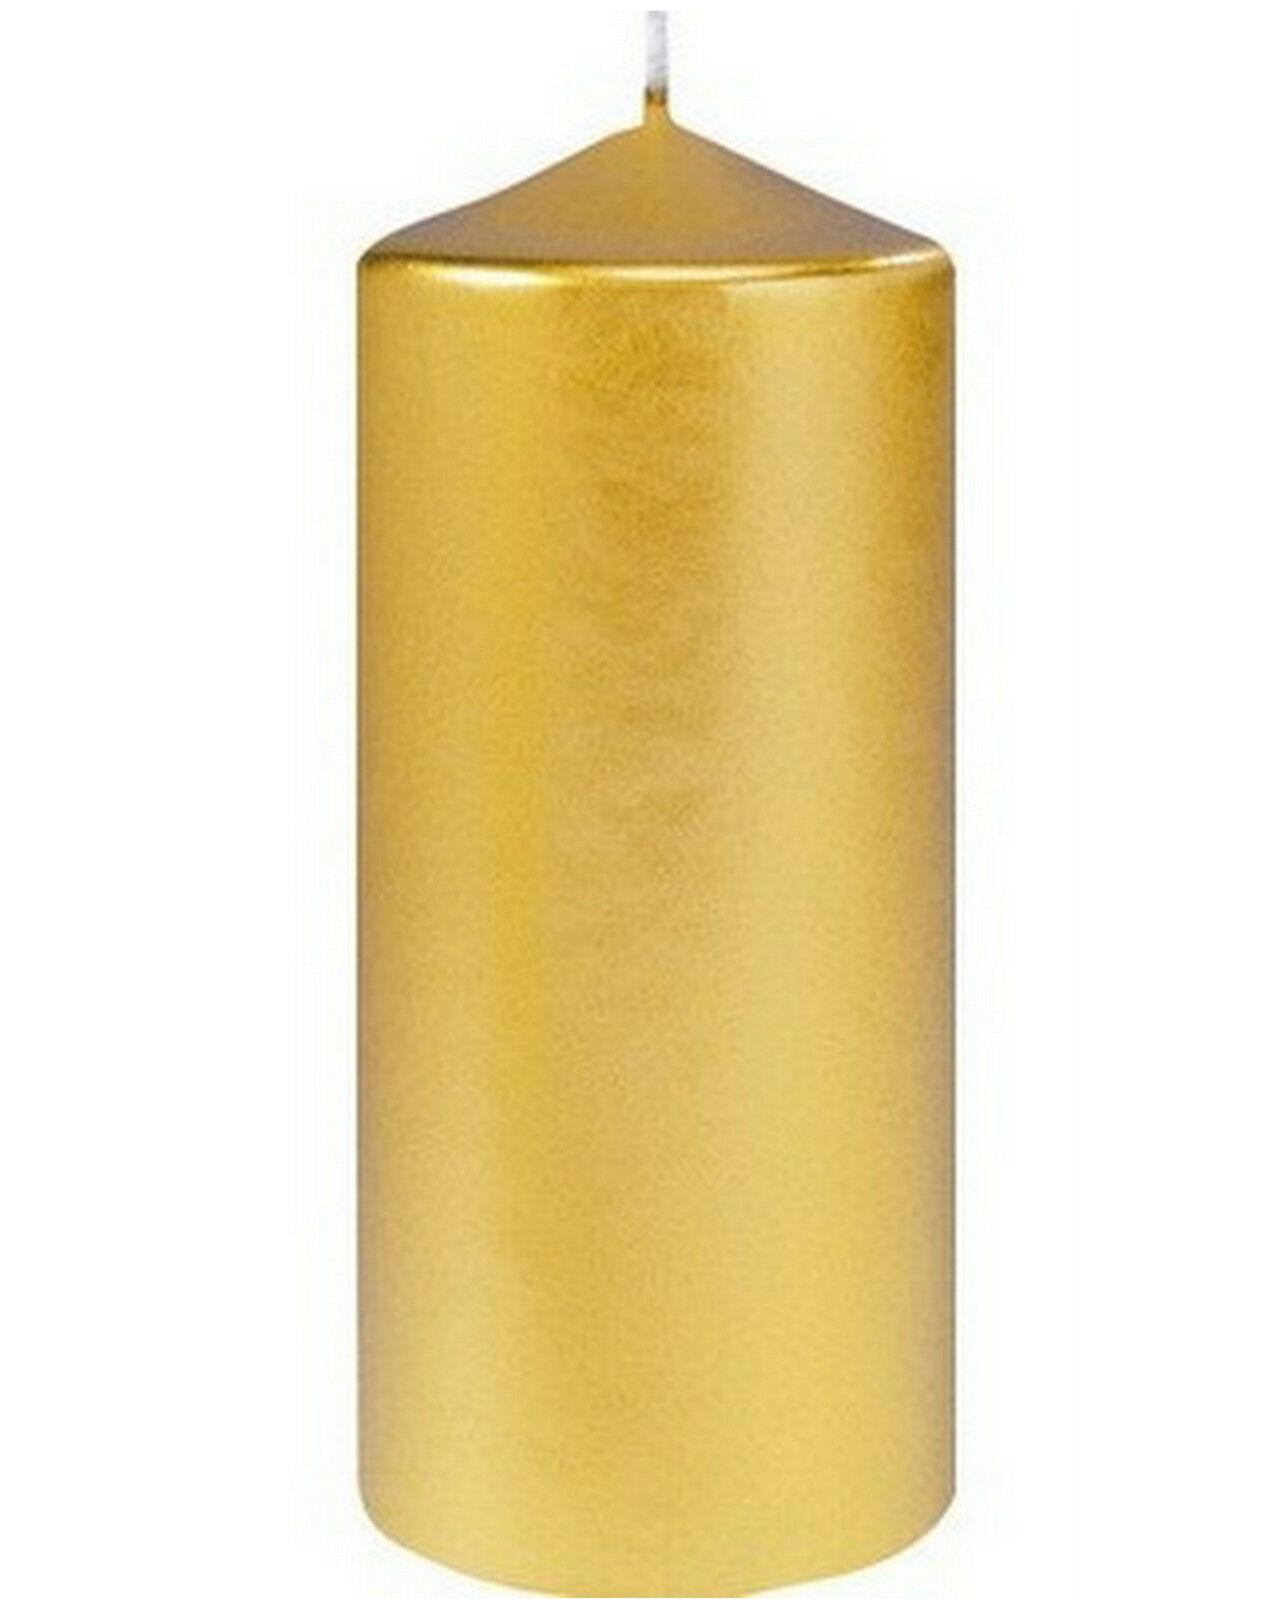 6-12 Stück Stumpen Kerzen 150 x 70 mm groß Stumpenkerzen Gold glänzend - 12 Stück, Gold